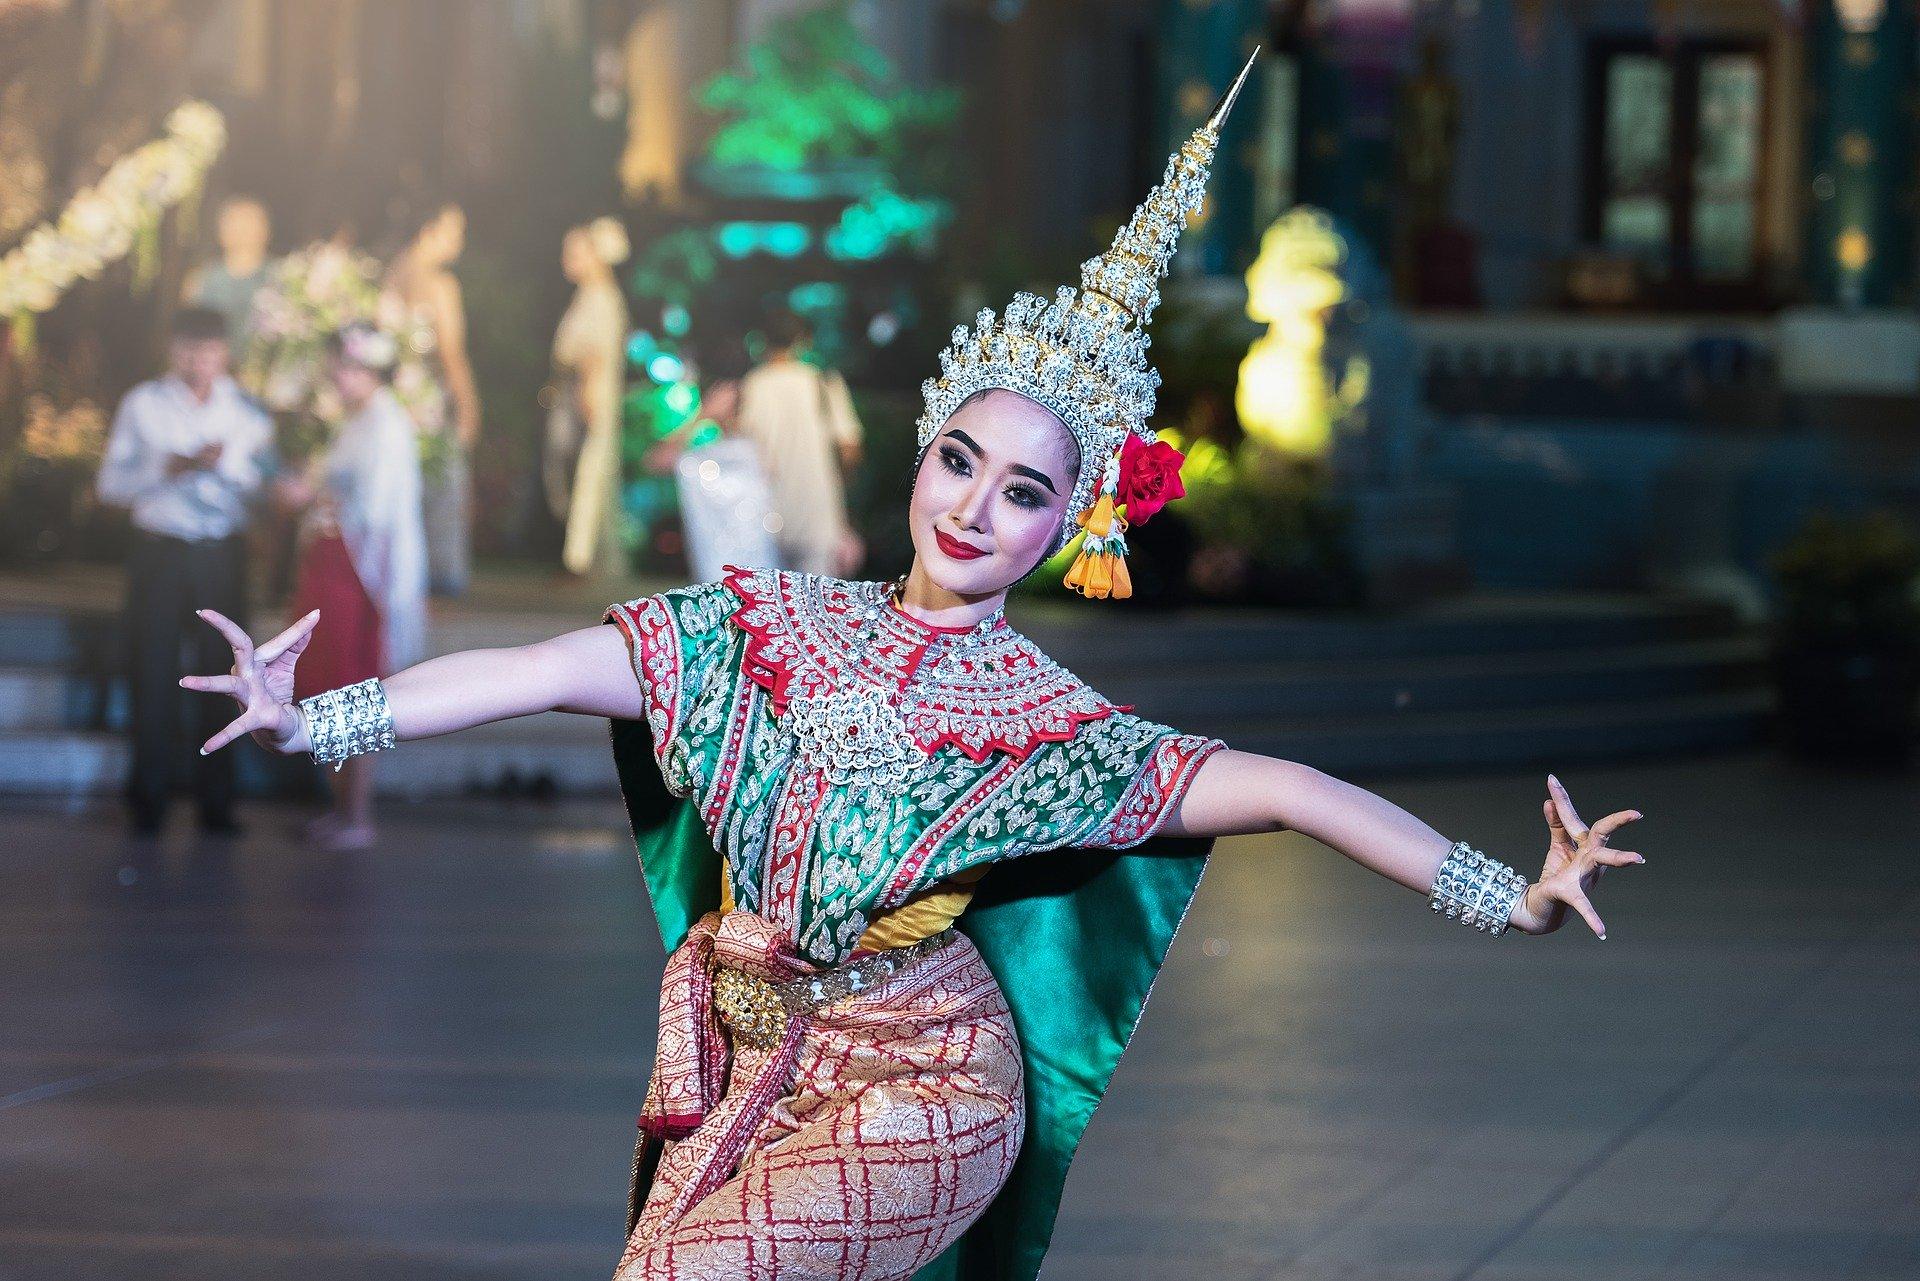 バンコクで英語は通じる?旅行で必要なタイ語の会話もチェック!